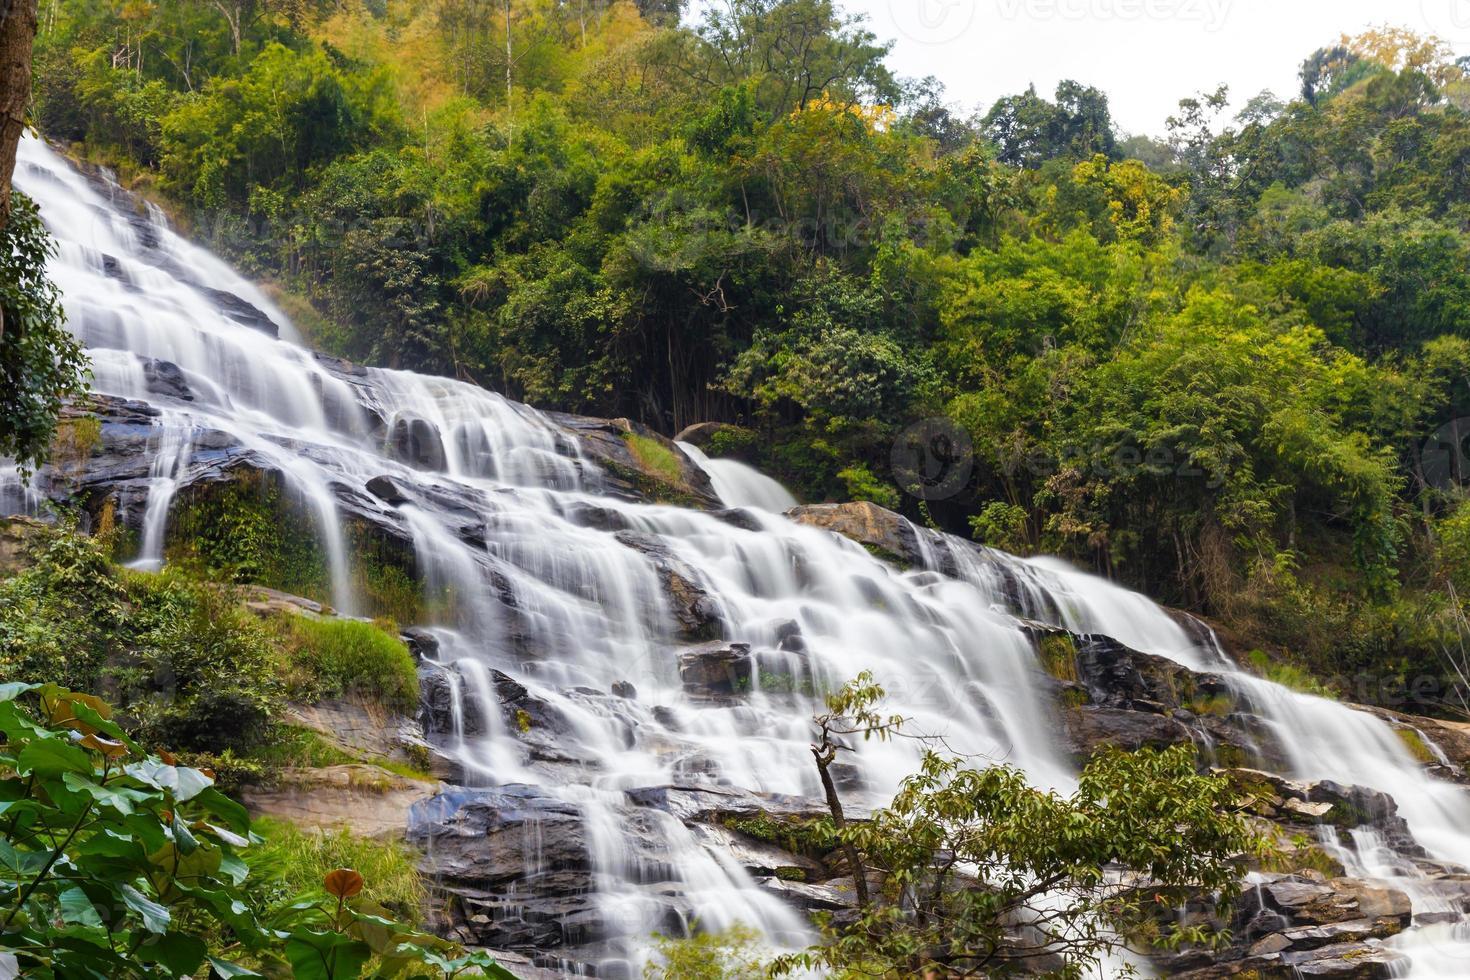 mae ya cascade photo